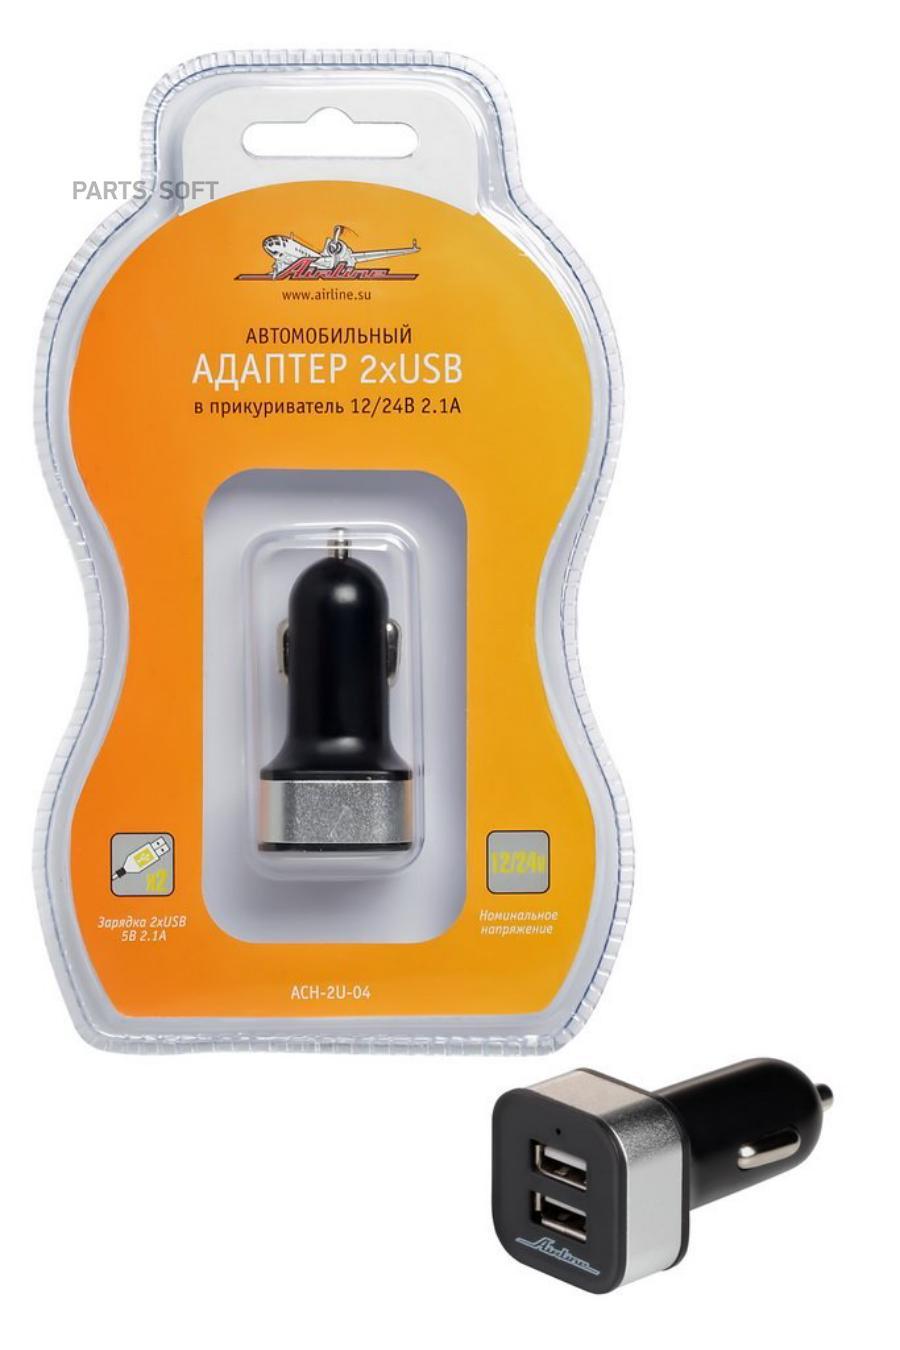 Адаптер автомобильный 2хUSB 2.1А в прикуриватель 12/24В